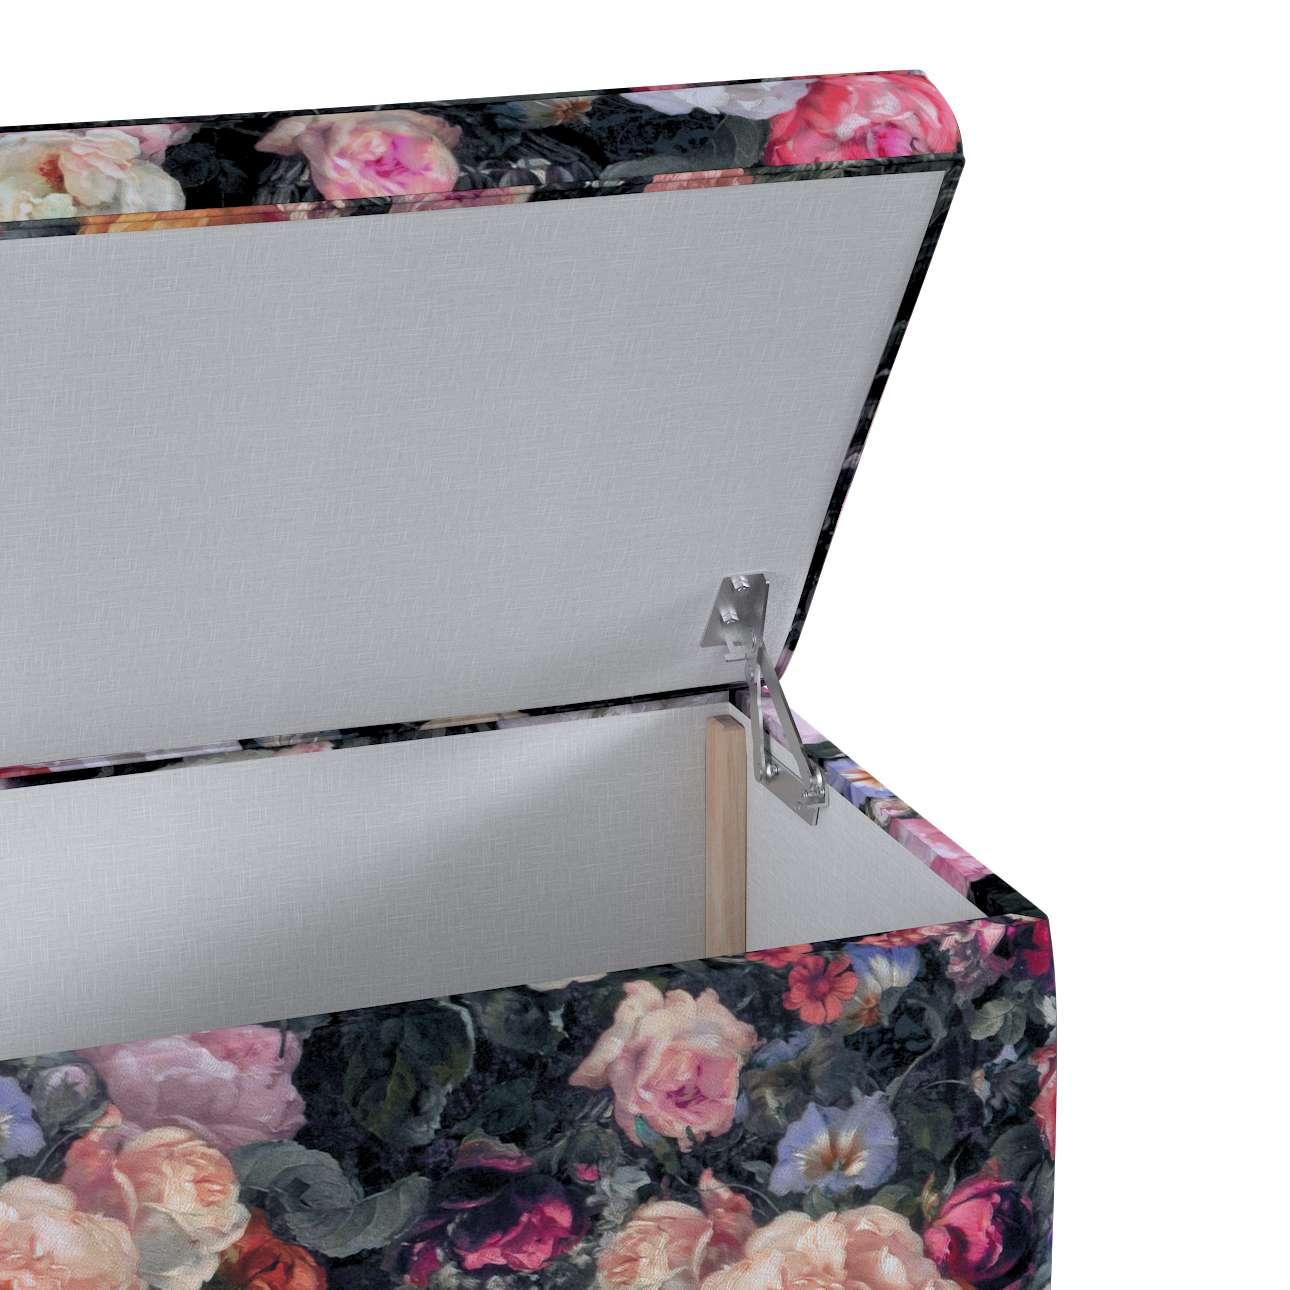 Čalouněná skříň s volbou látky - 2 velikosti v kolekci Gardenia, látka: 161-02